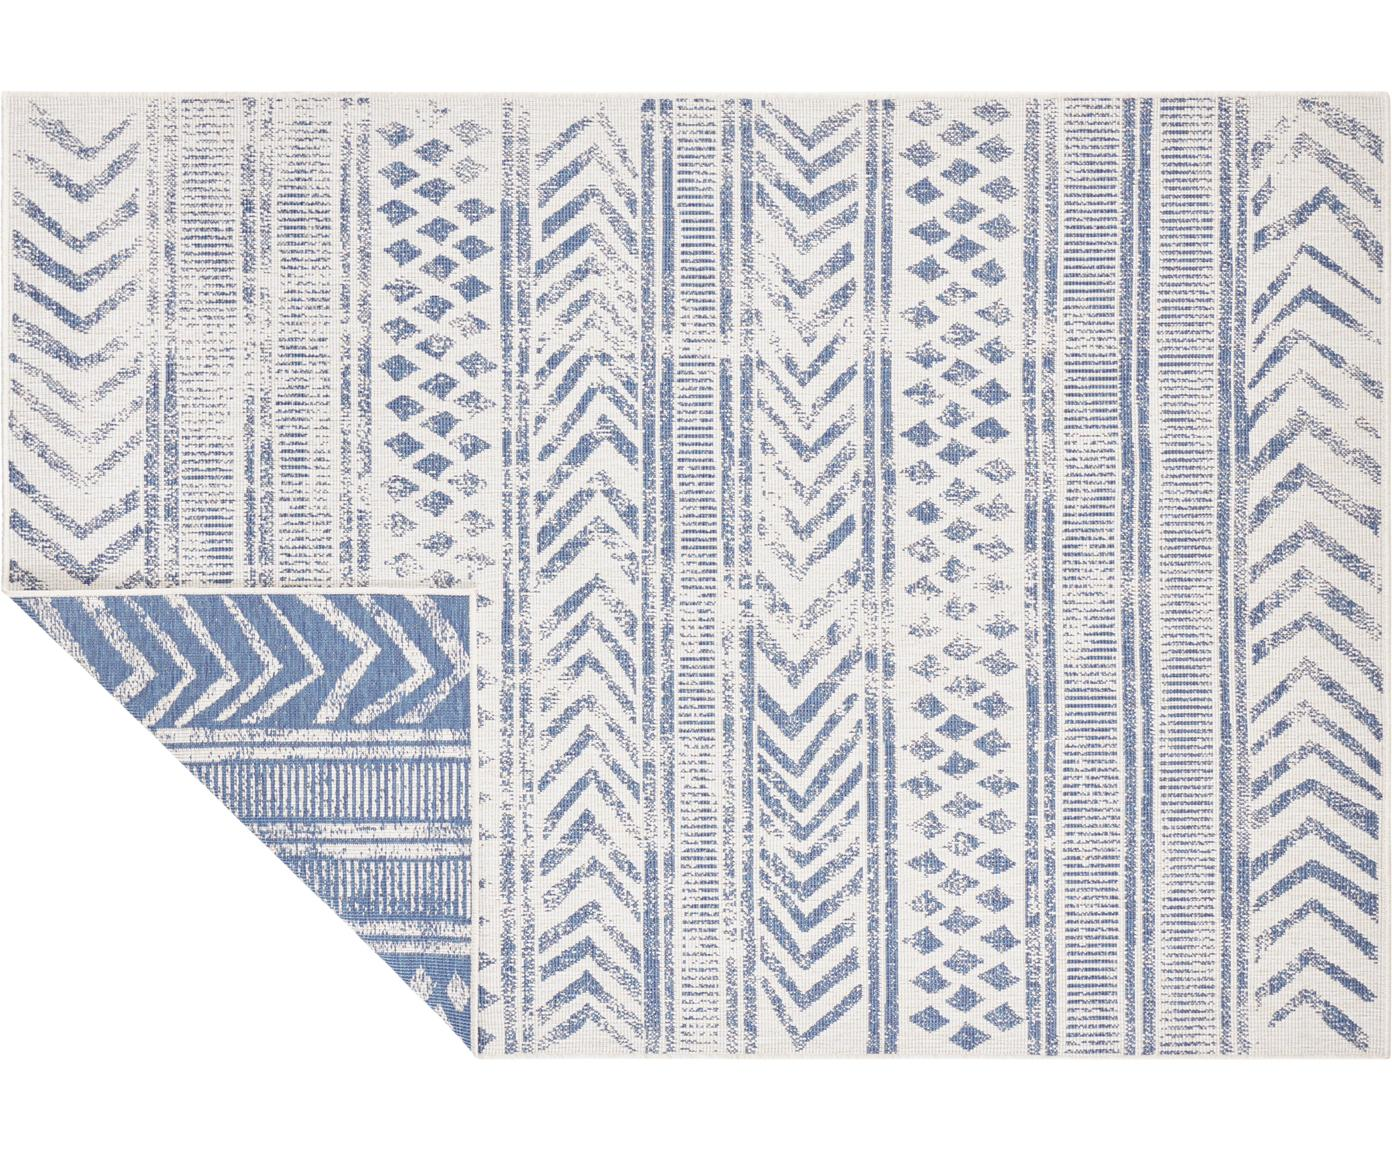 Dubbelzijdig in- en outdoor vloerkleed Biri met grafisch patroon, Polypropyleen, Blauw, crèmekleurig, B 80 x L 150 cm (maat XS)